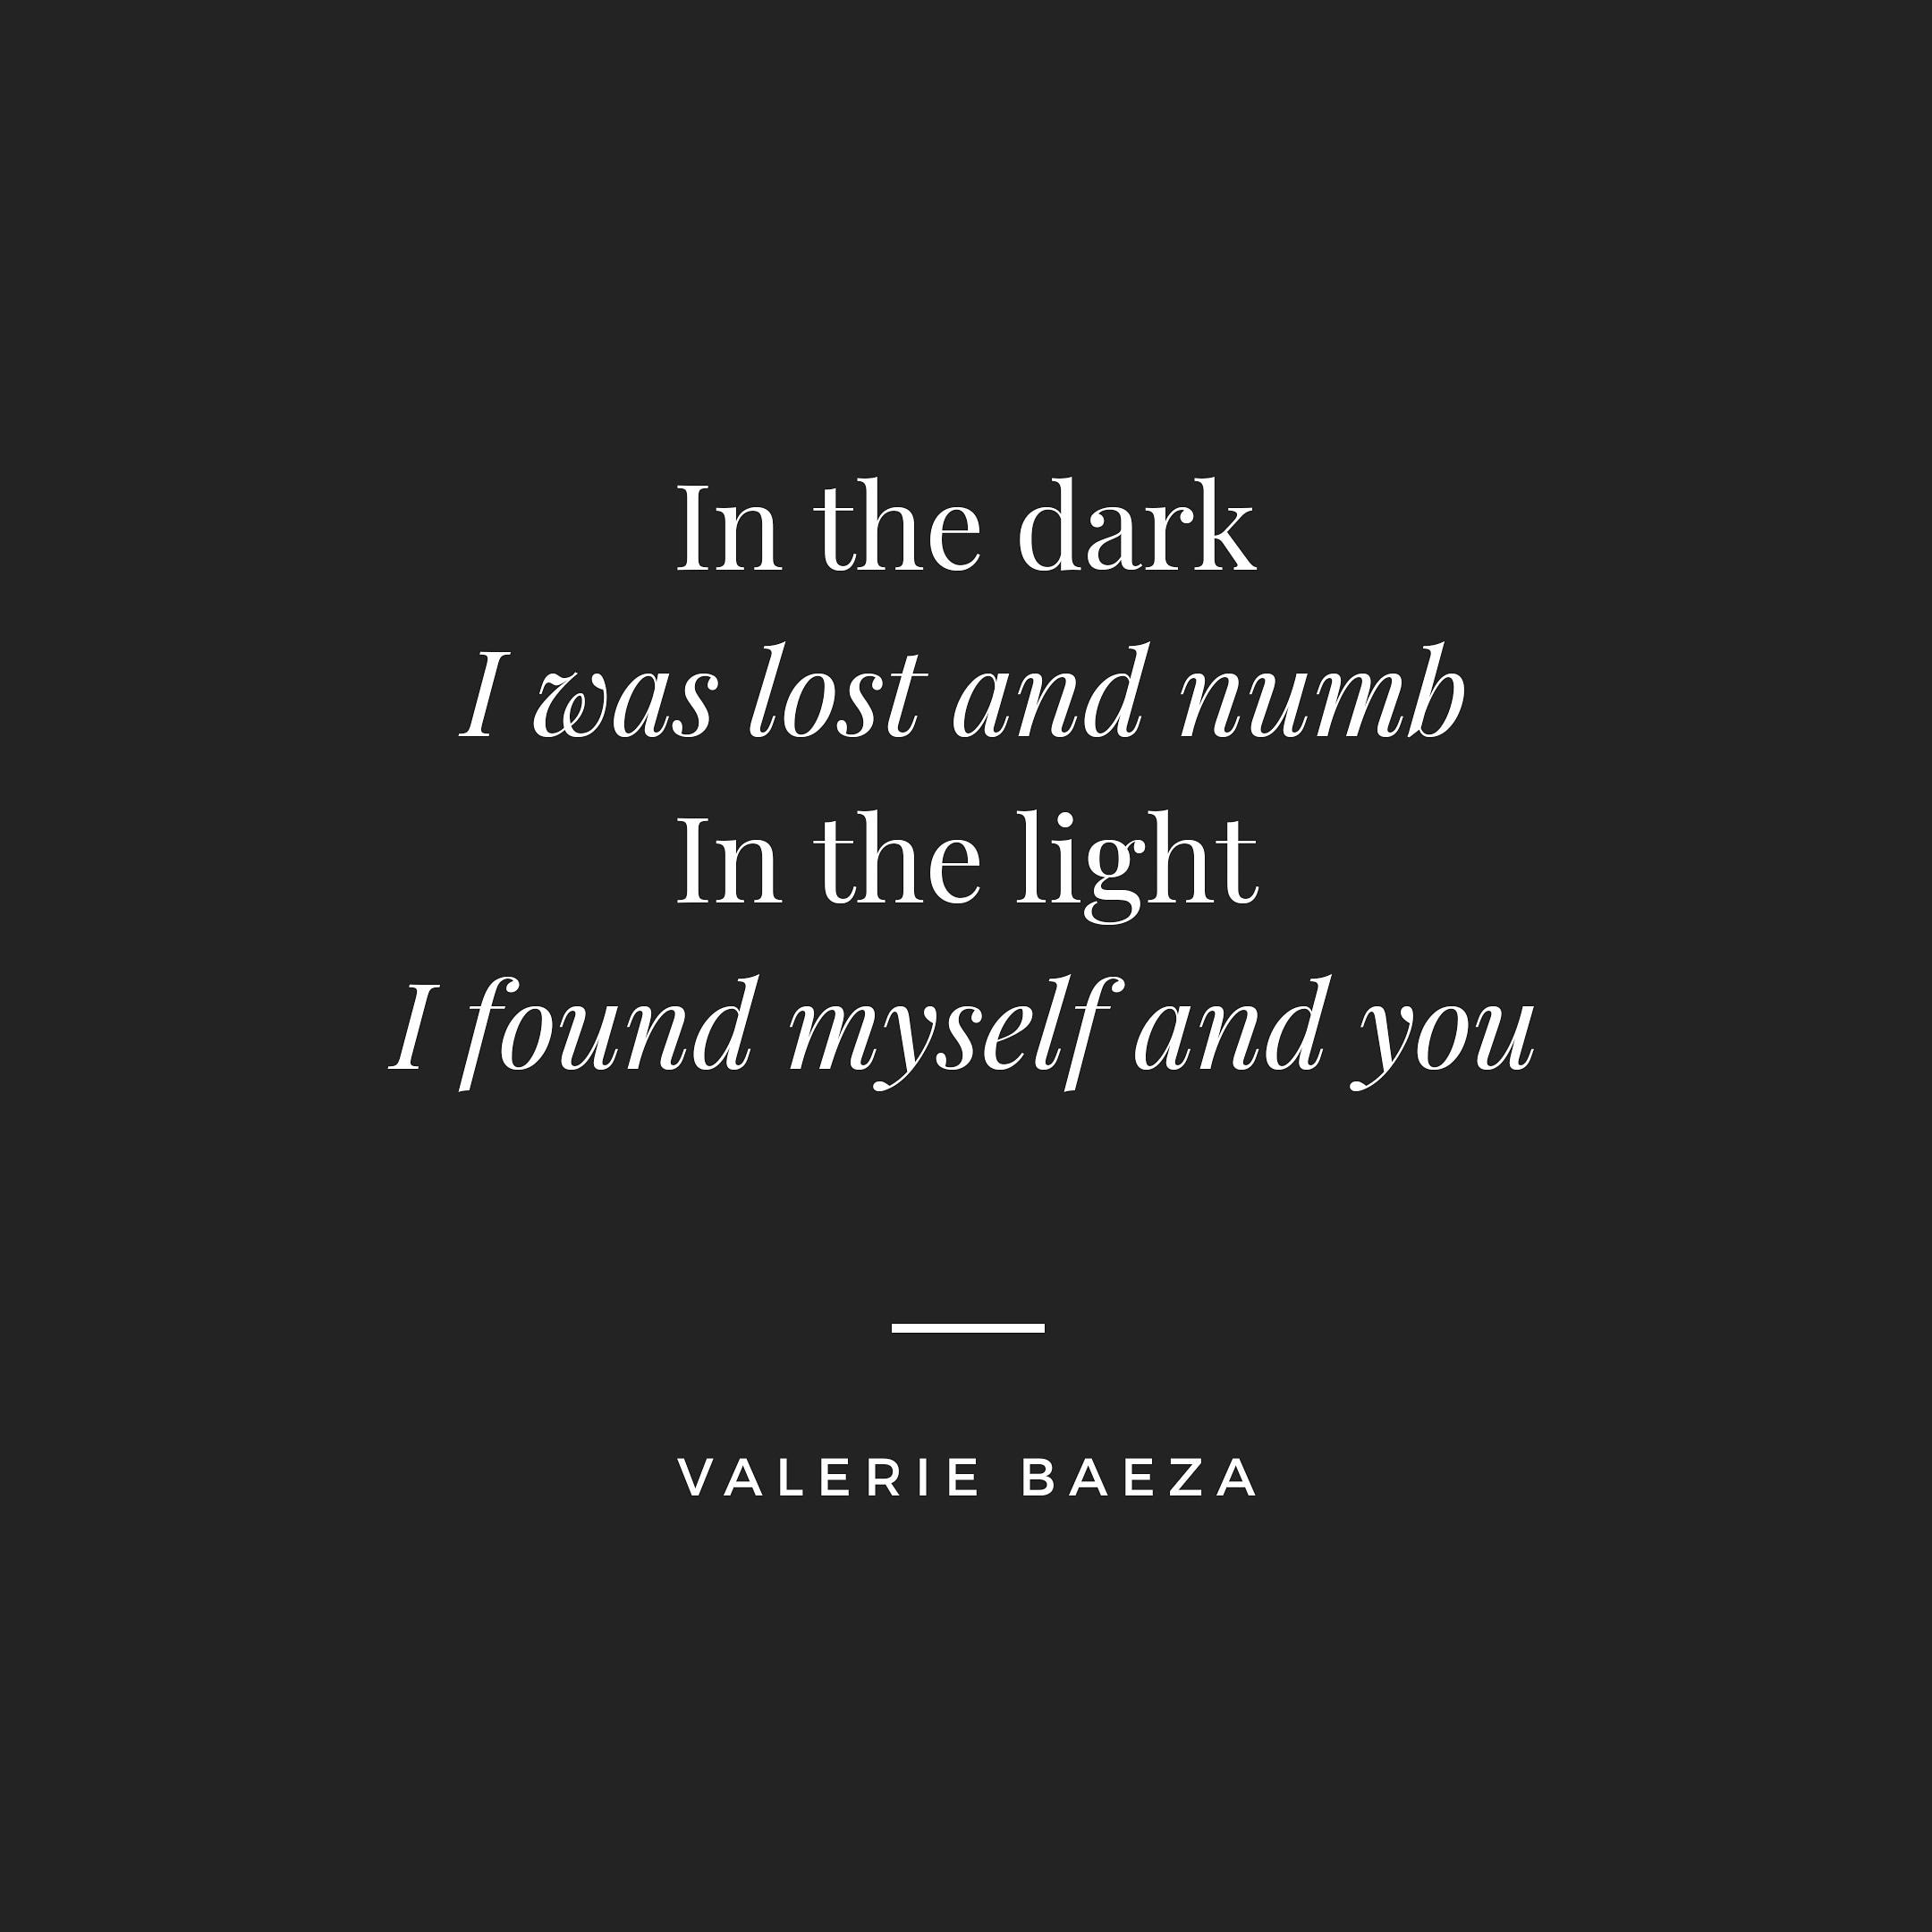 In the Dark In the Light by Valerie Baeza